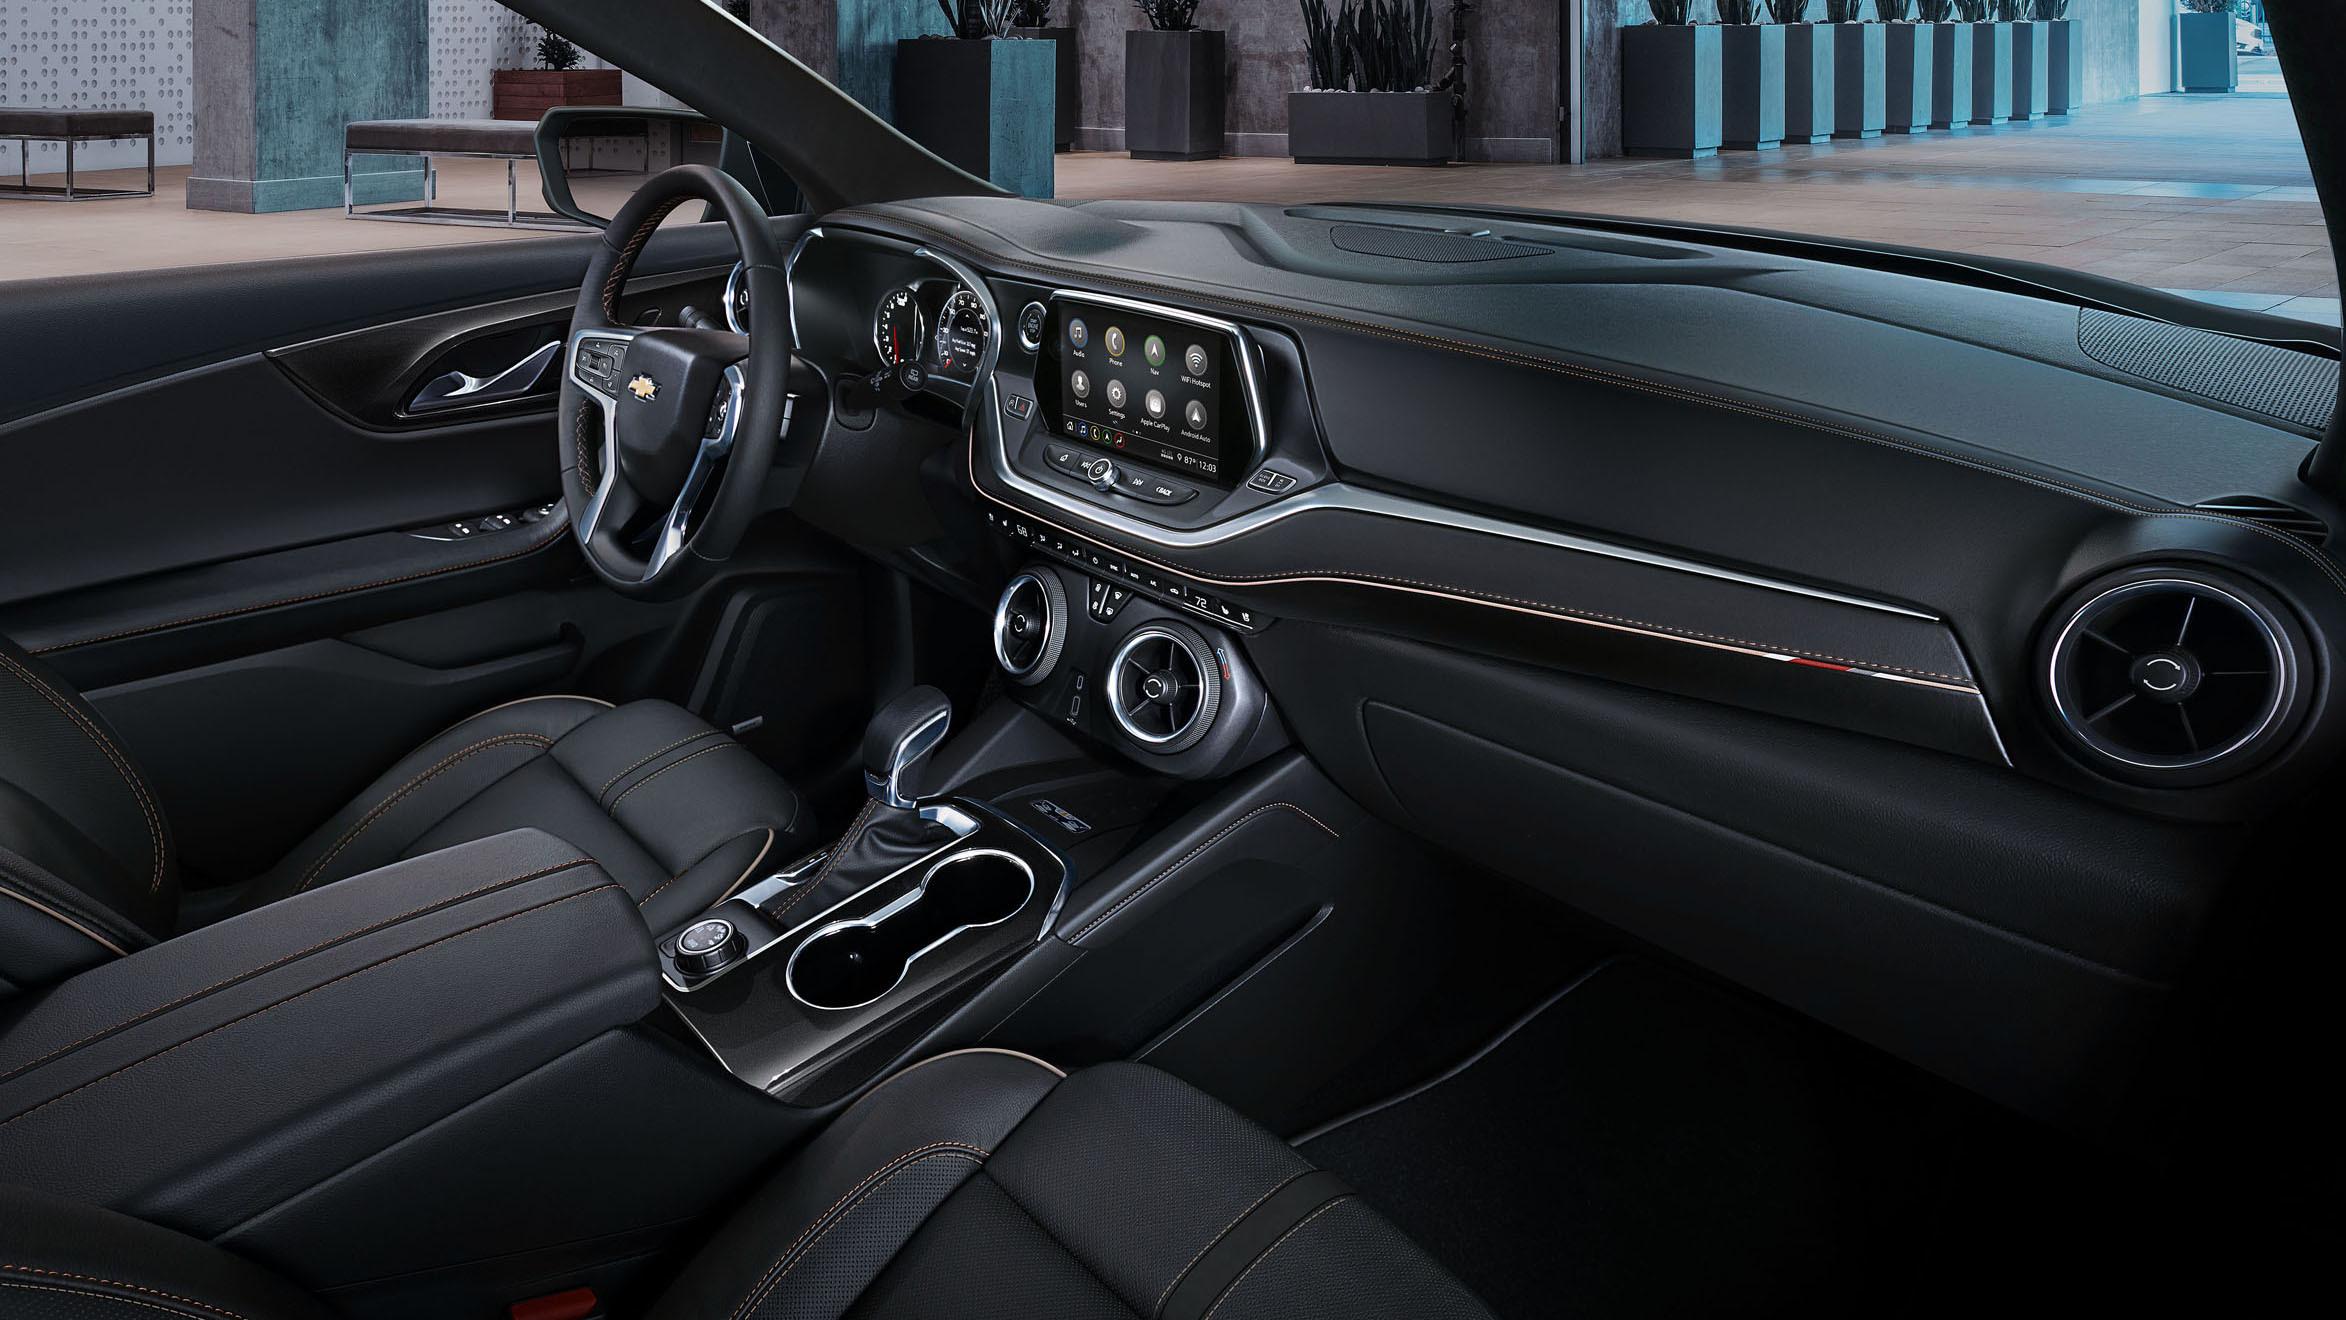 Chevrolet Blazer 2019 (8)